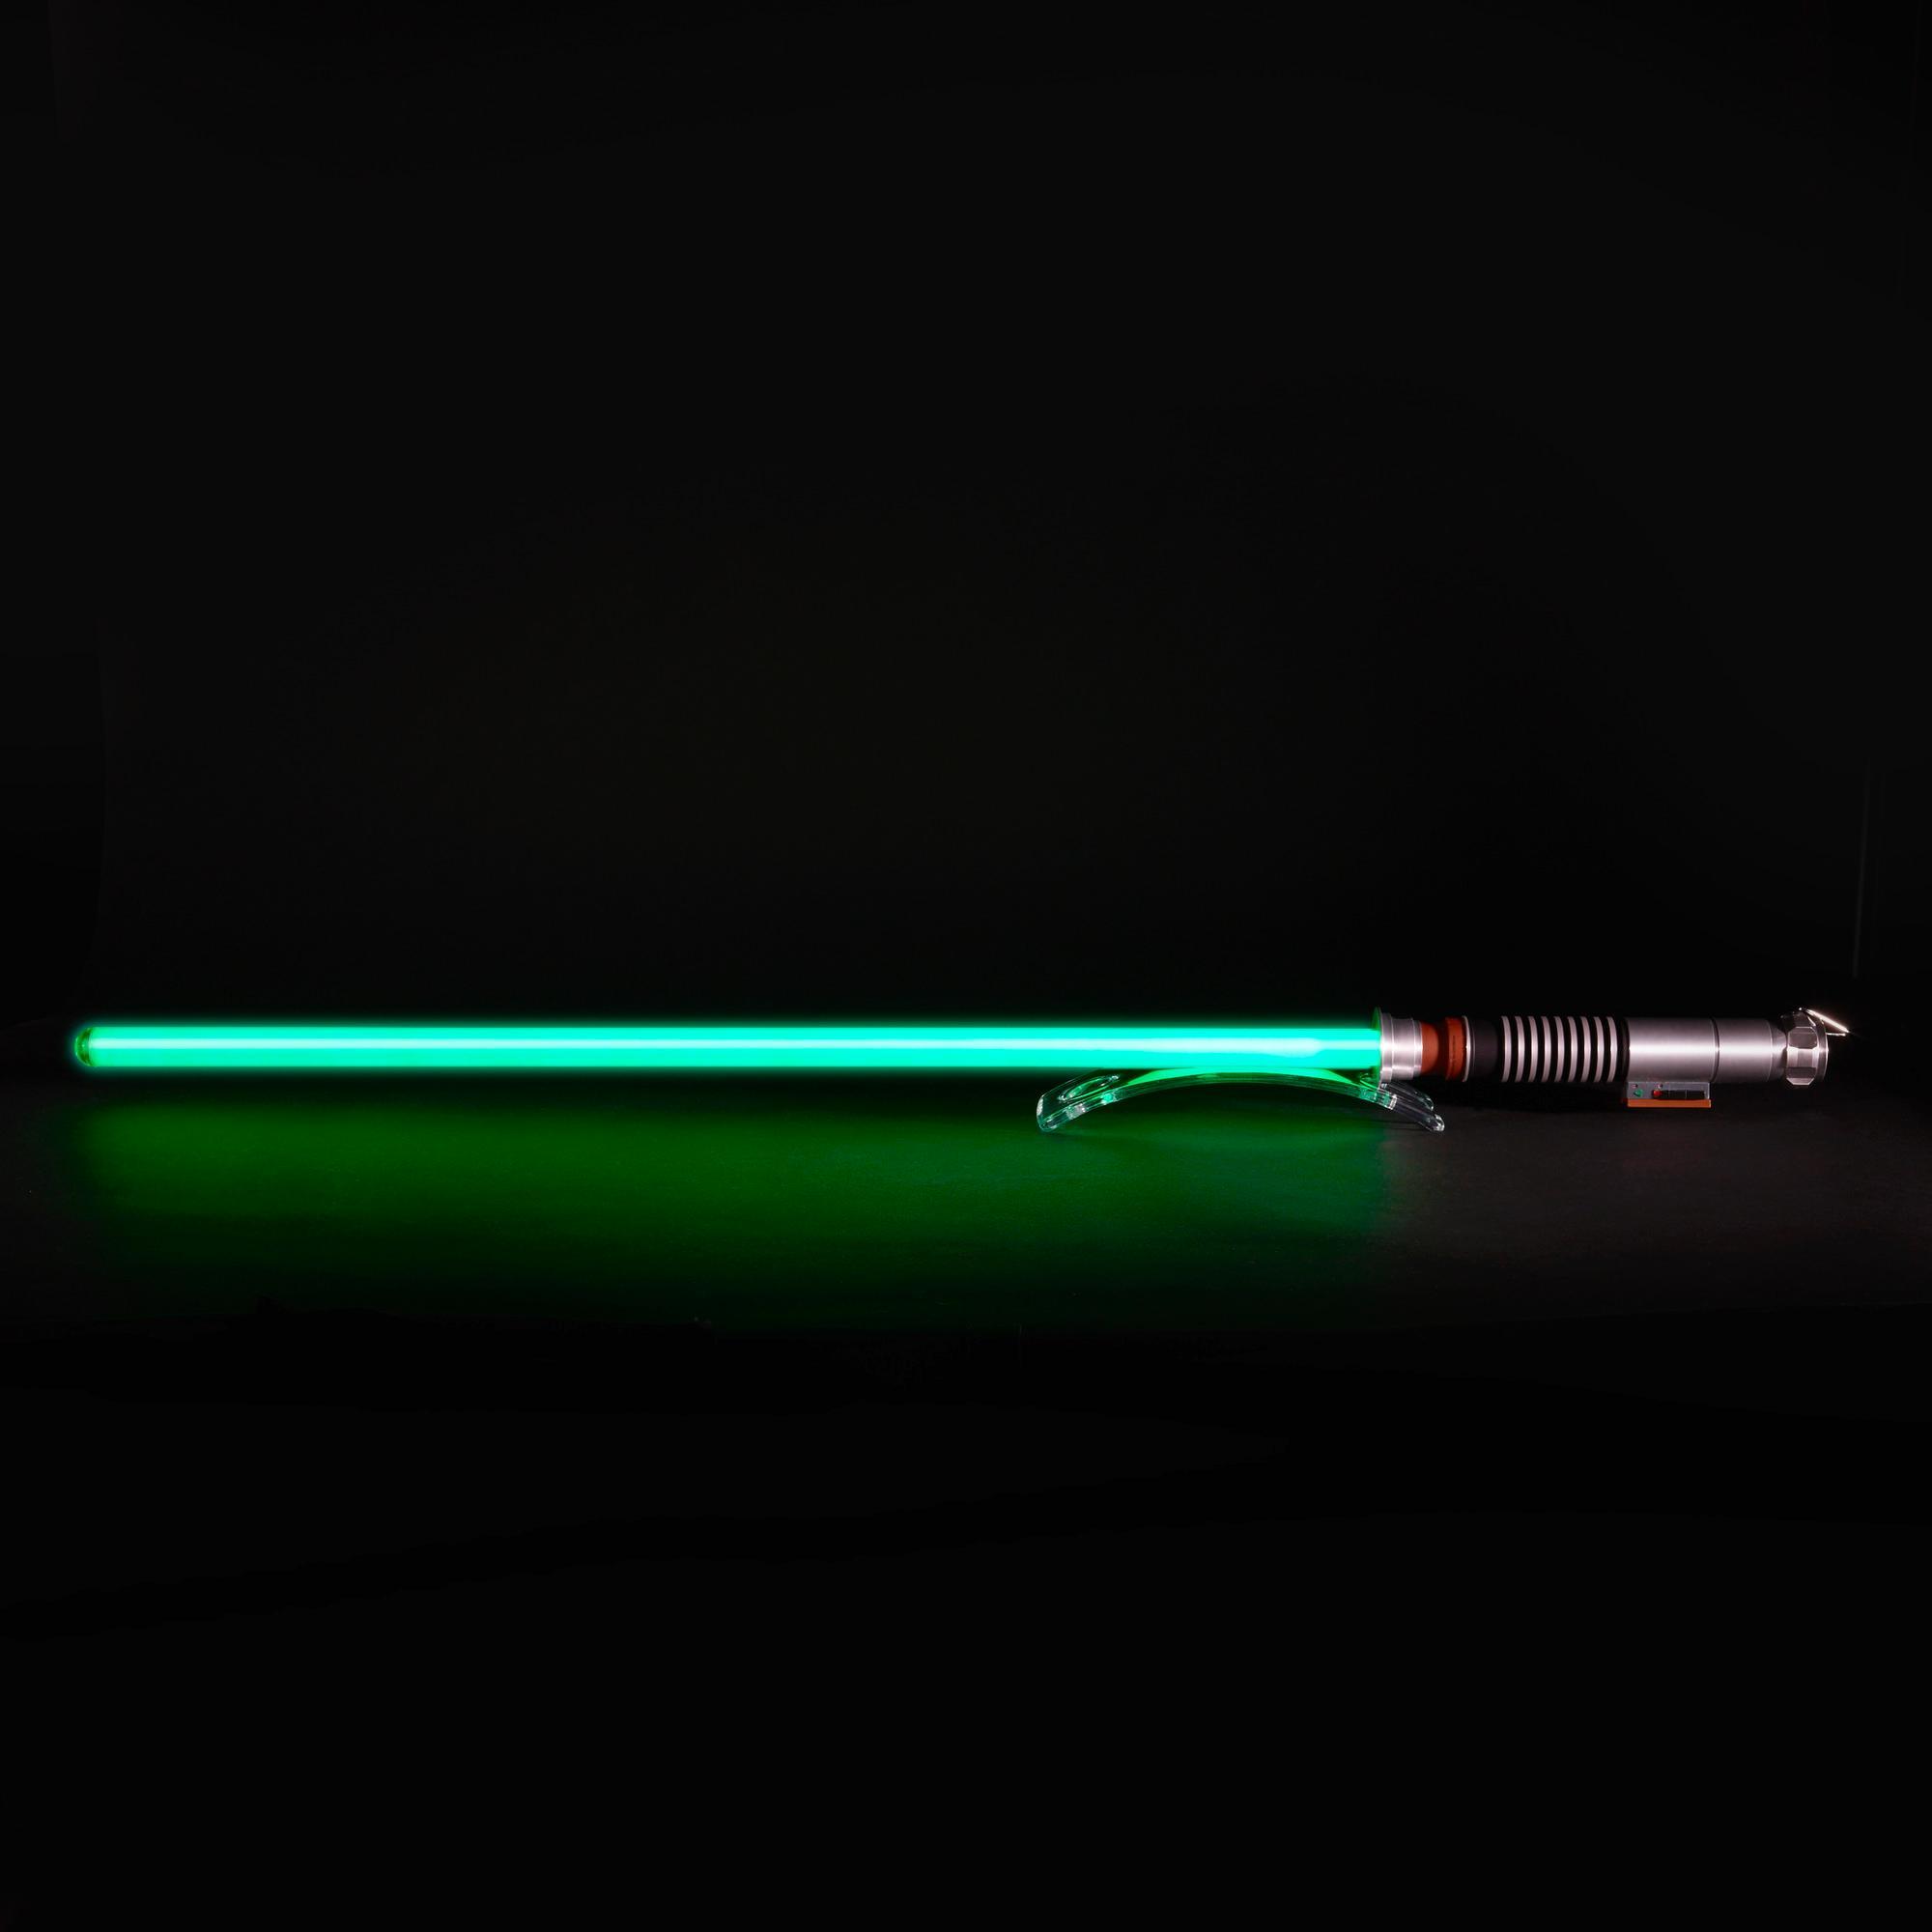 Star Wars The Black Series Luke Skywalker Force Fx Lightsaber Star Wars Light Saber Star Wars Black Series Star Wars Geek Gifts